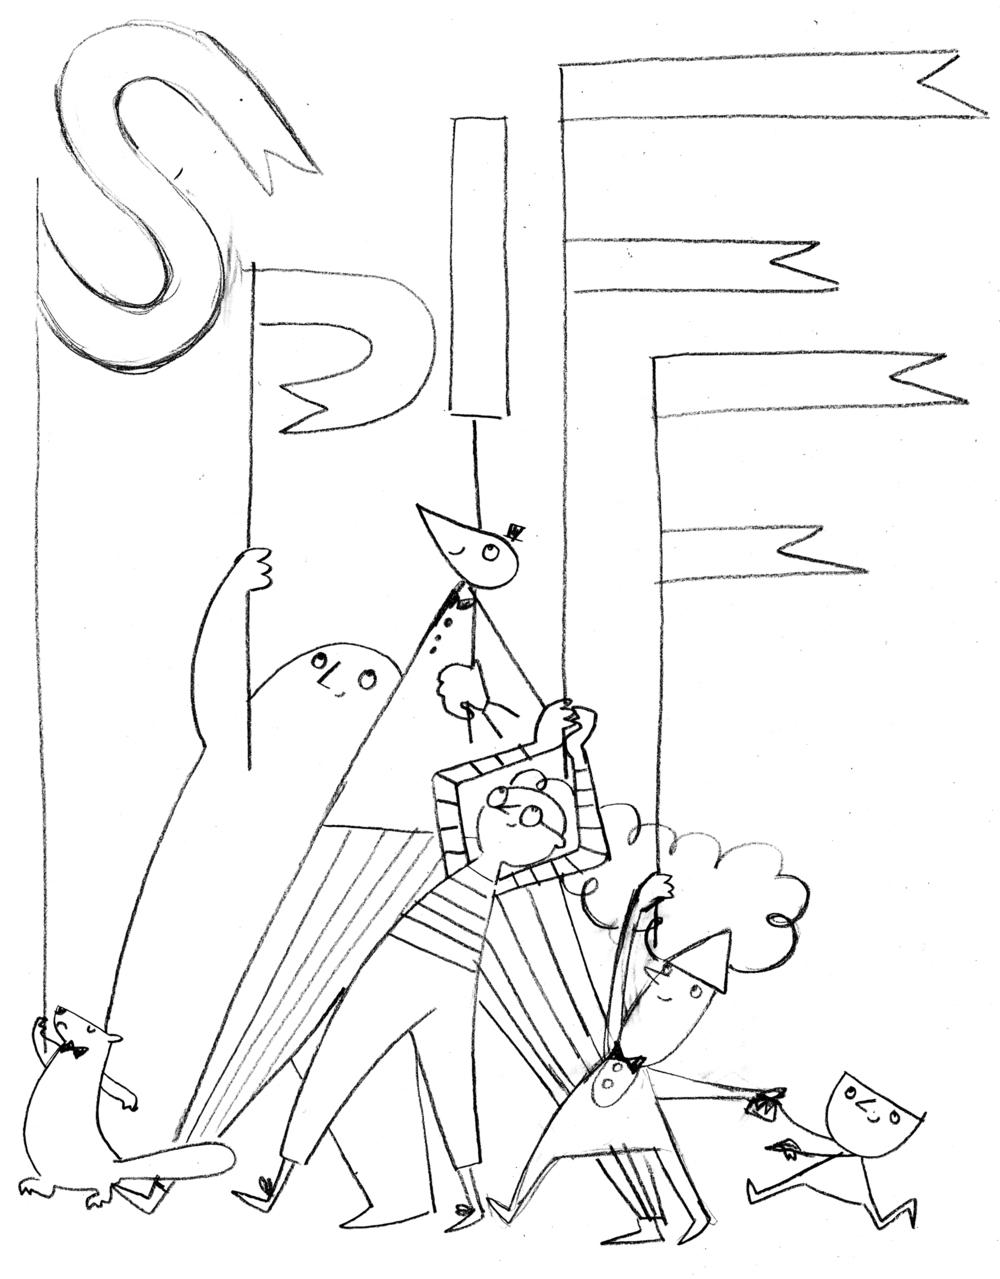 141202 spiff sketch 2000px.jpg